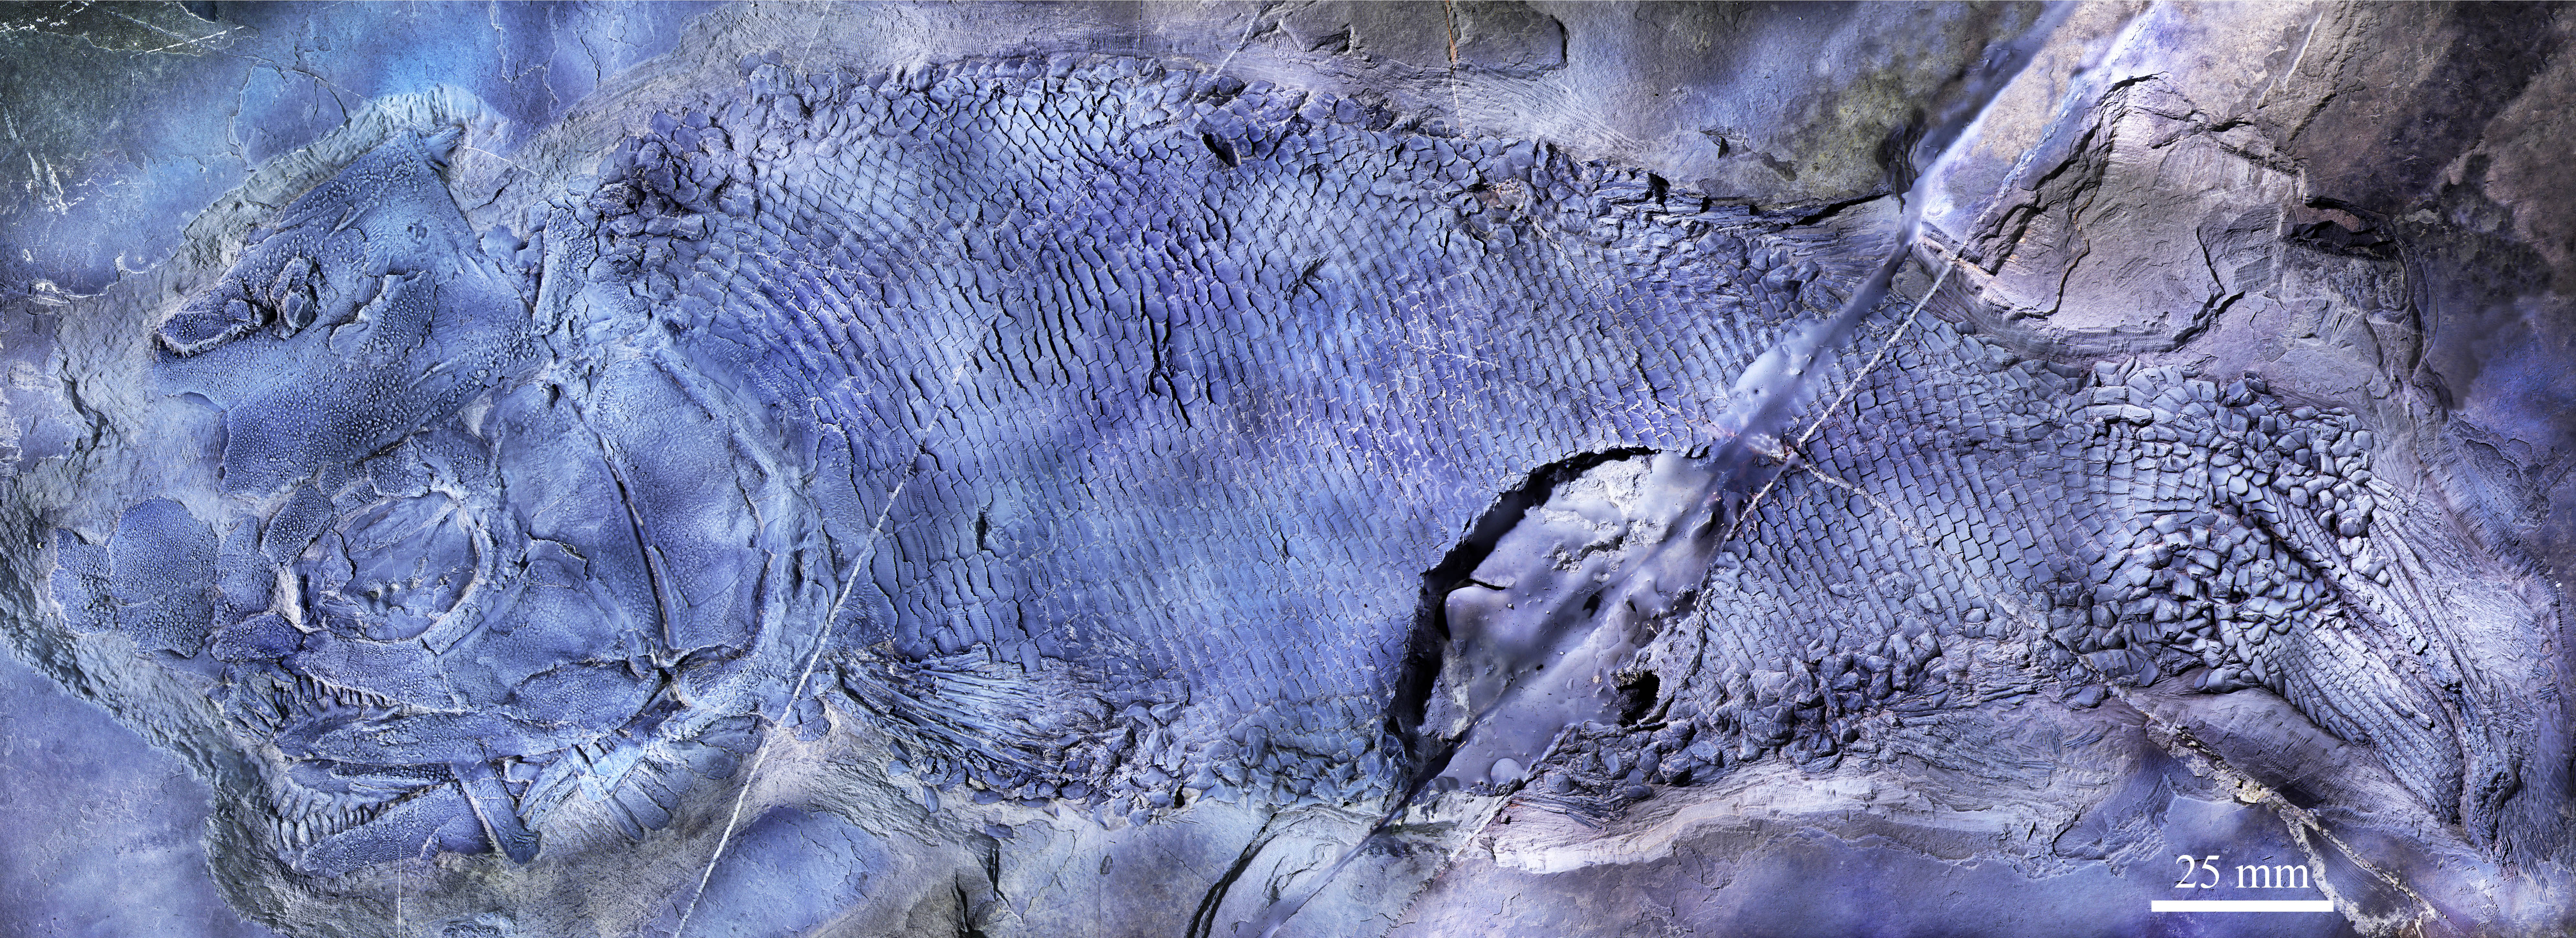 云南罗平首现云南暴鱼化石,见证三叠纪海洋生物复苏